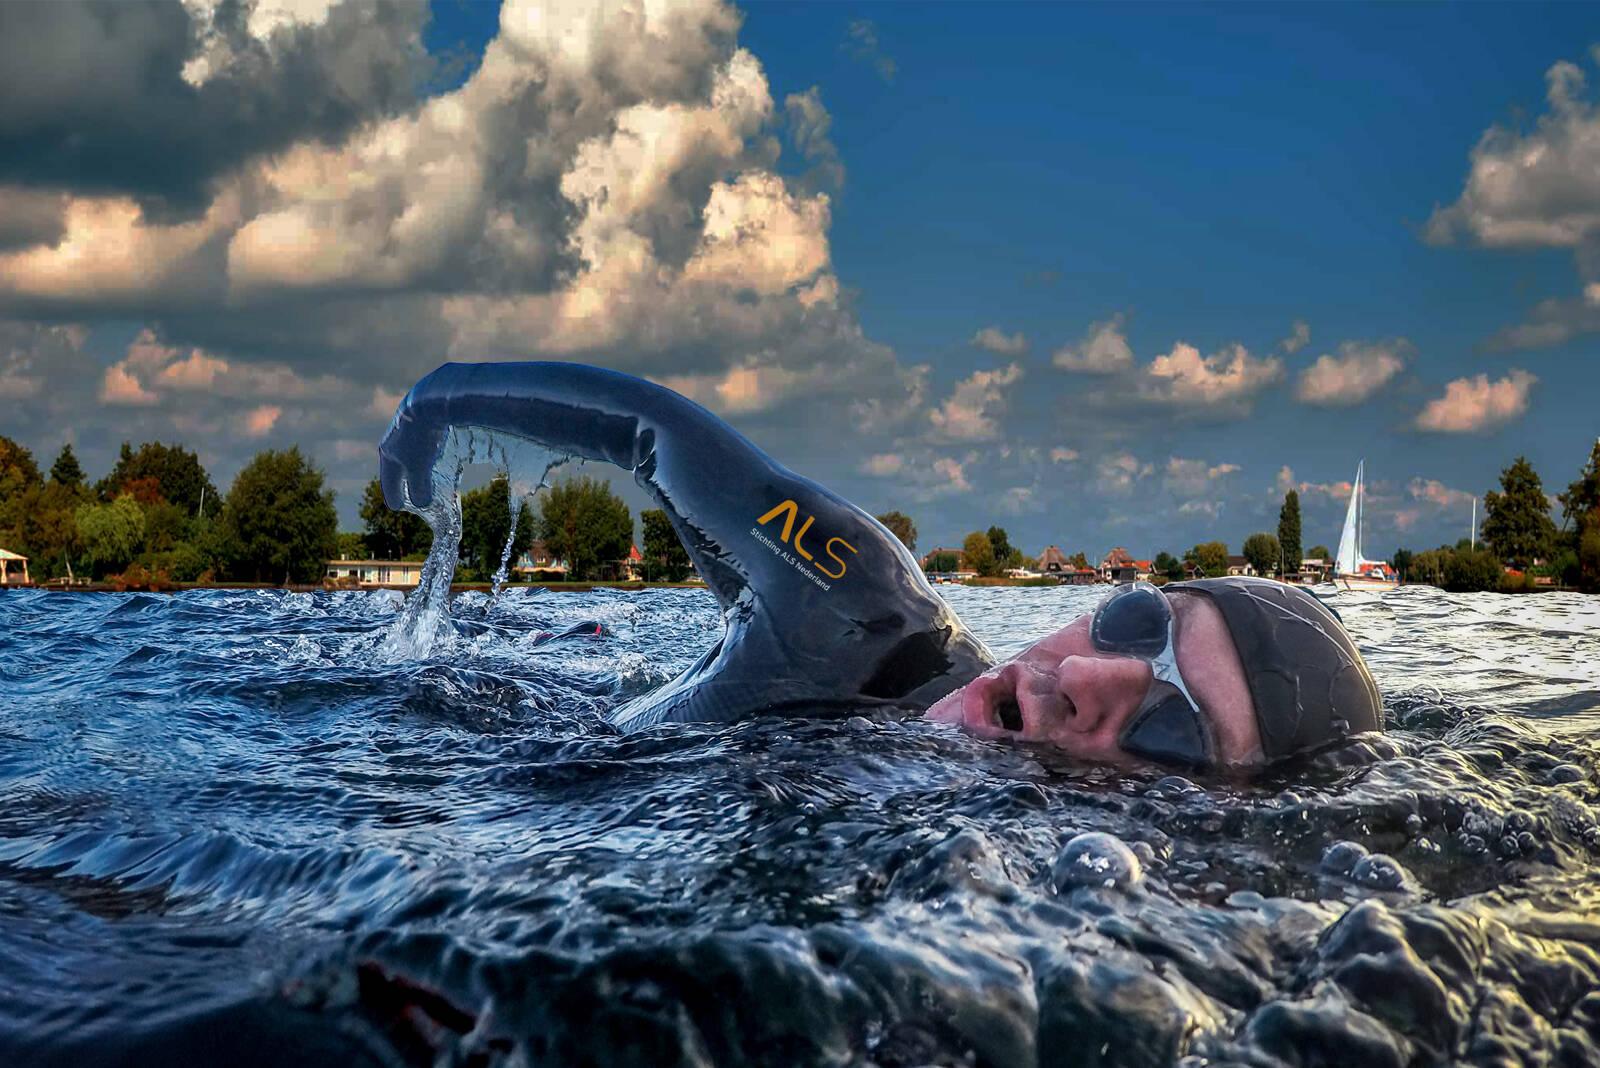 zwemmerdonker.jpg